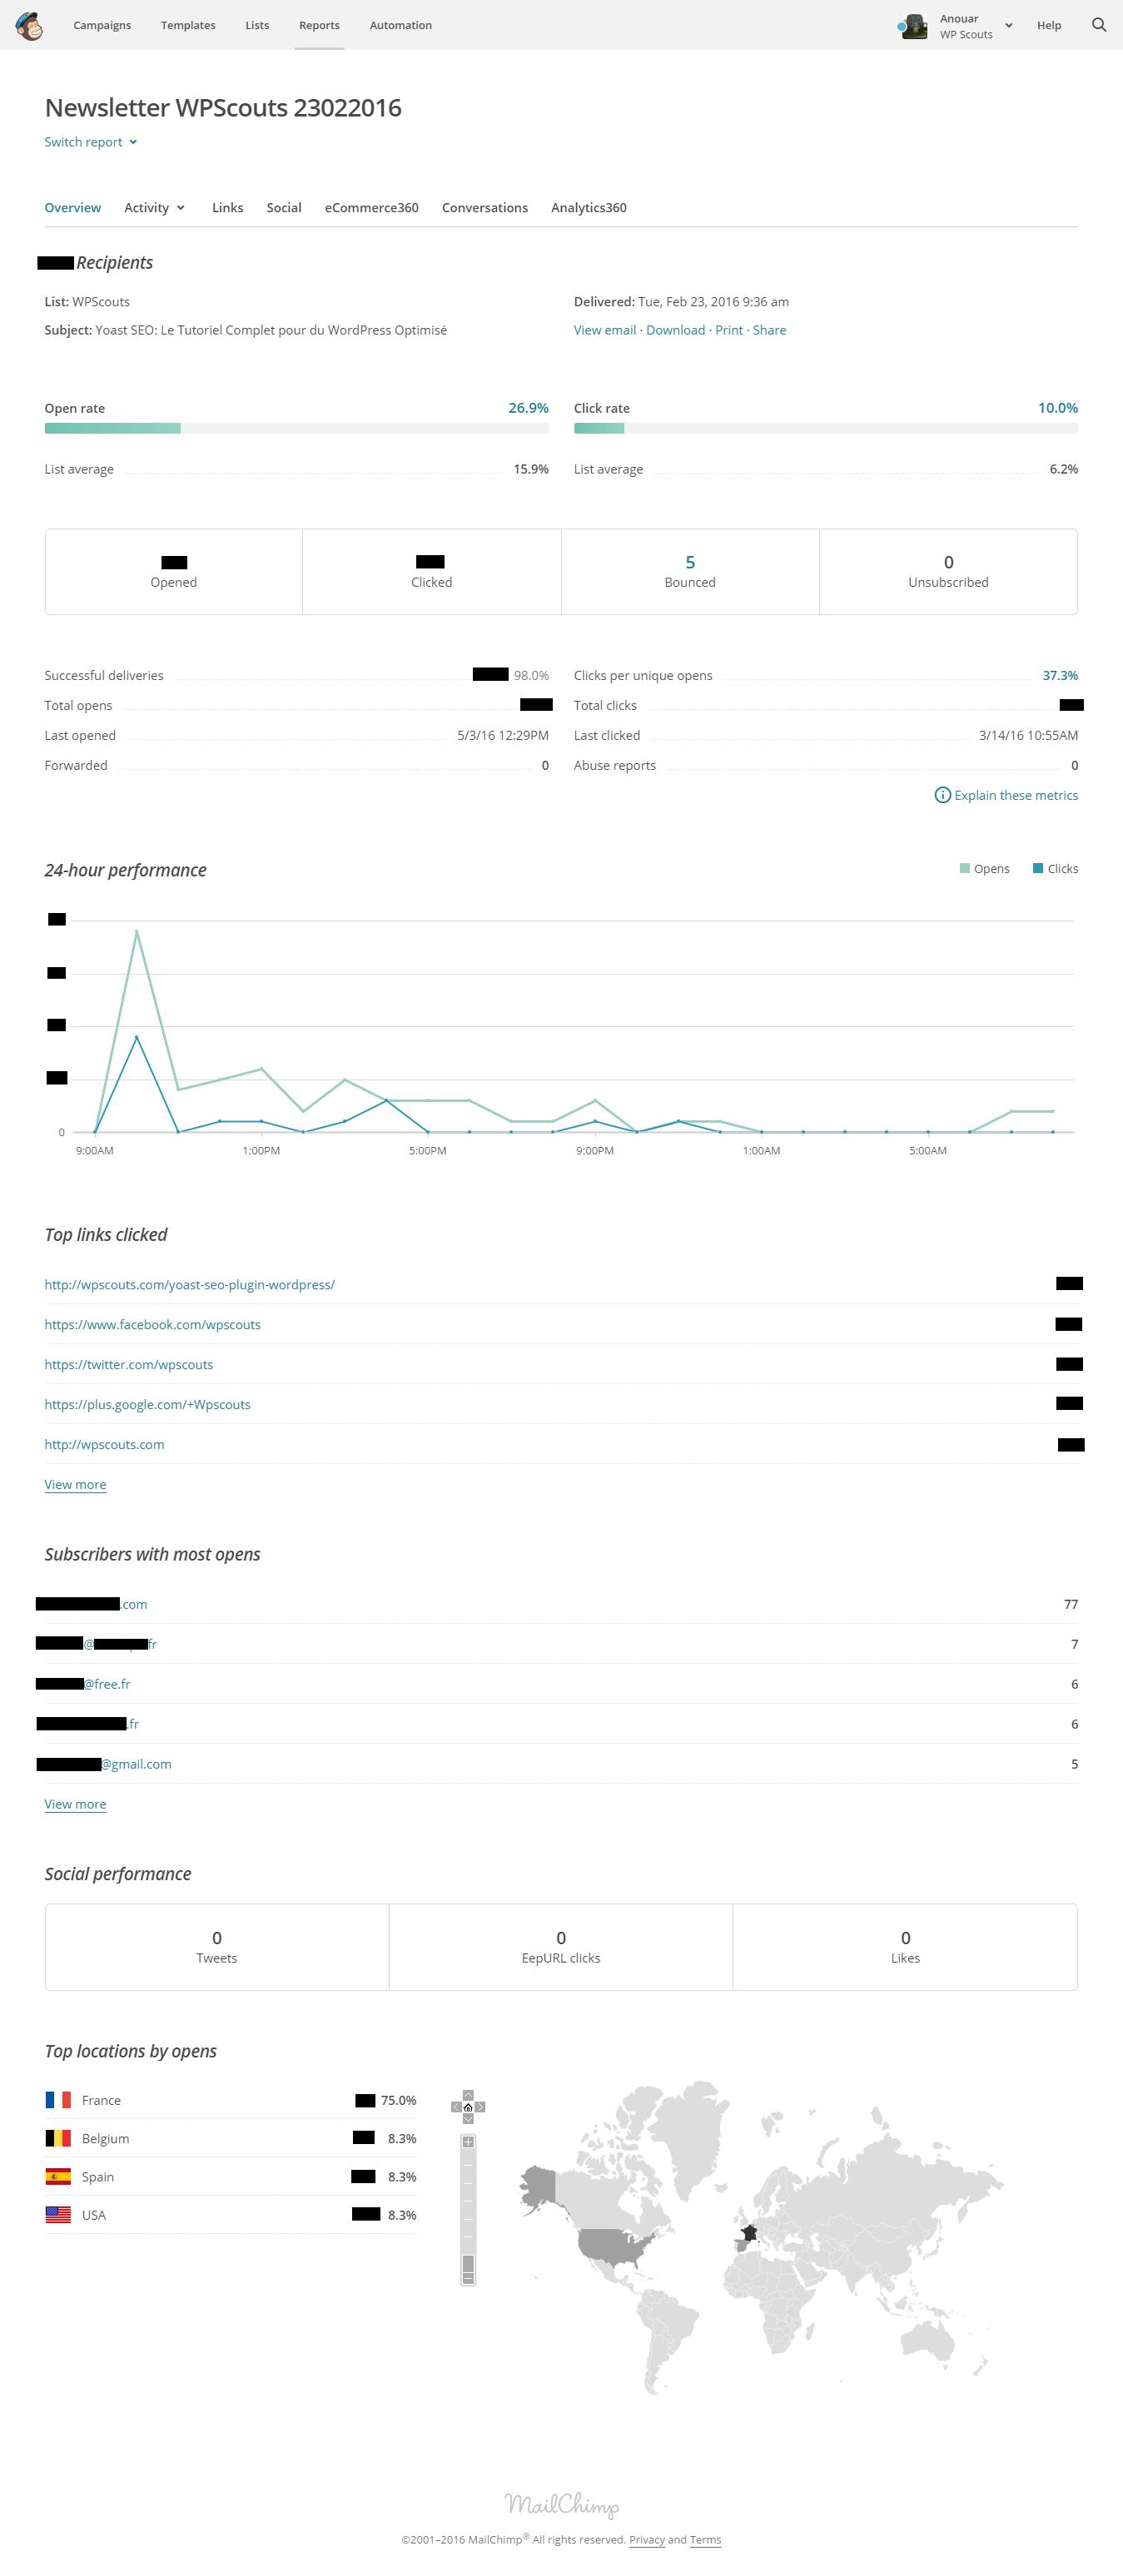 Rapport de statistiques de suivi d'une newsletter Mailchimp